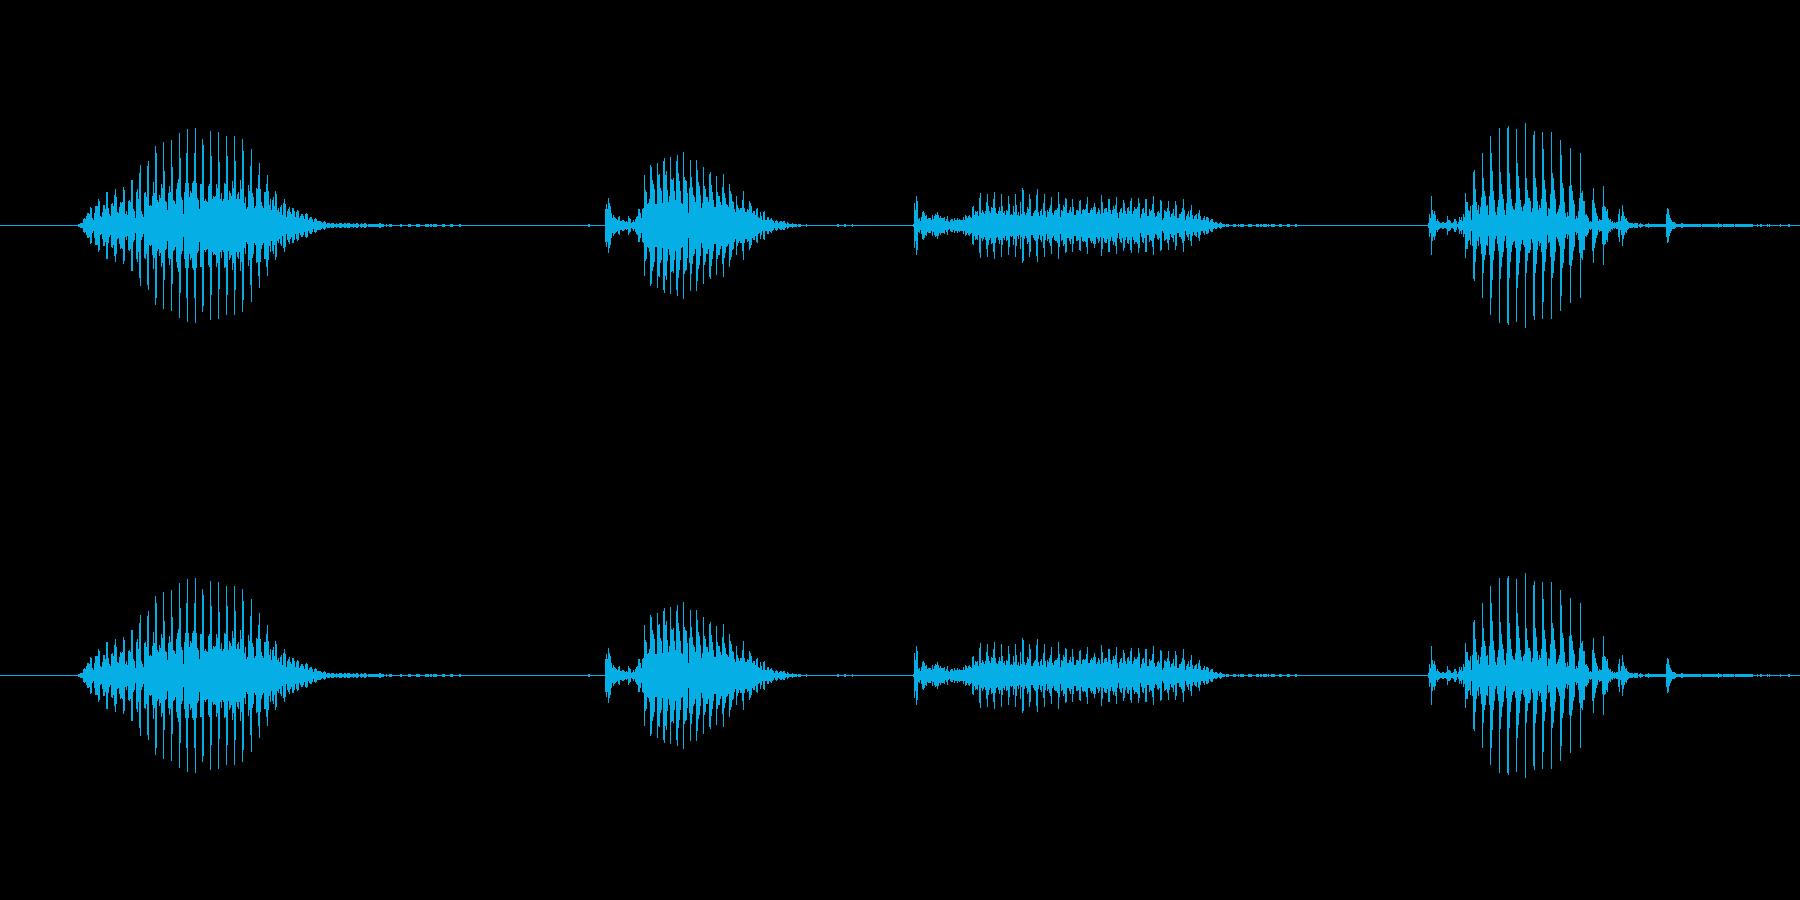 【日数・経過】3日経過の再生済みの波形